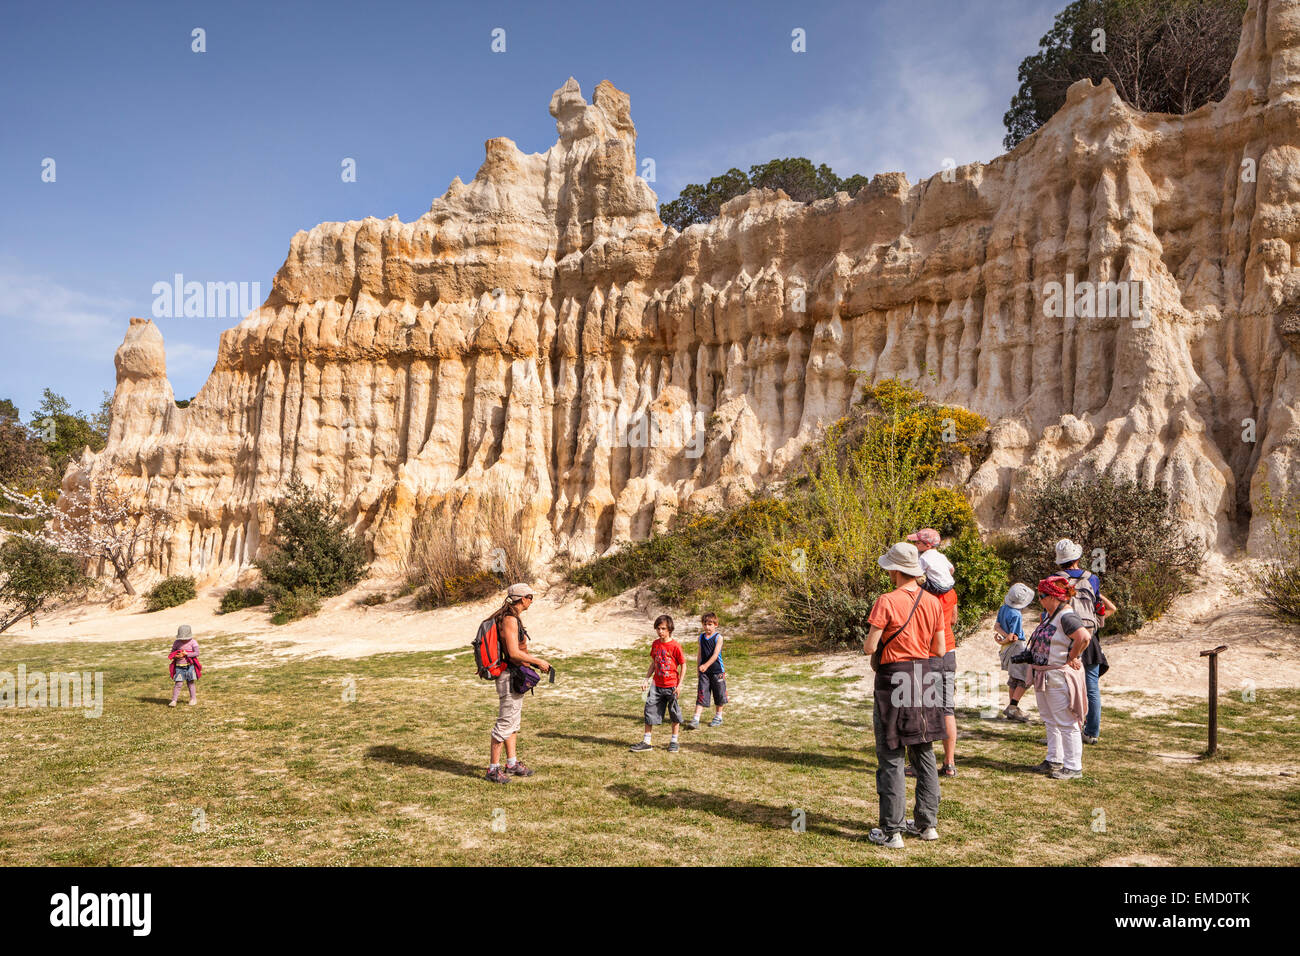 Families visiting Les Orgues d'Ille sur Tet, Languedoc-Roussillon, Pyrenees-Orientales, France. - Stock Image